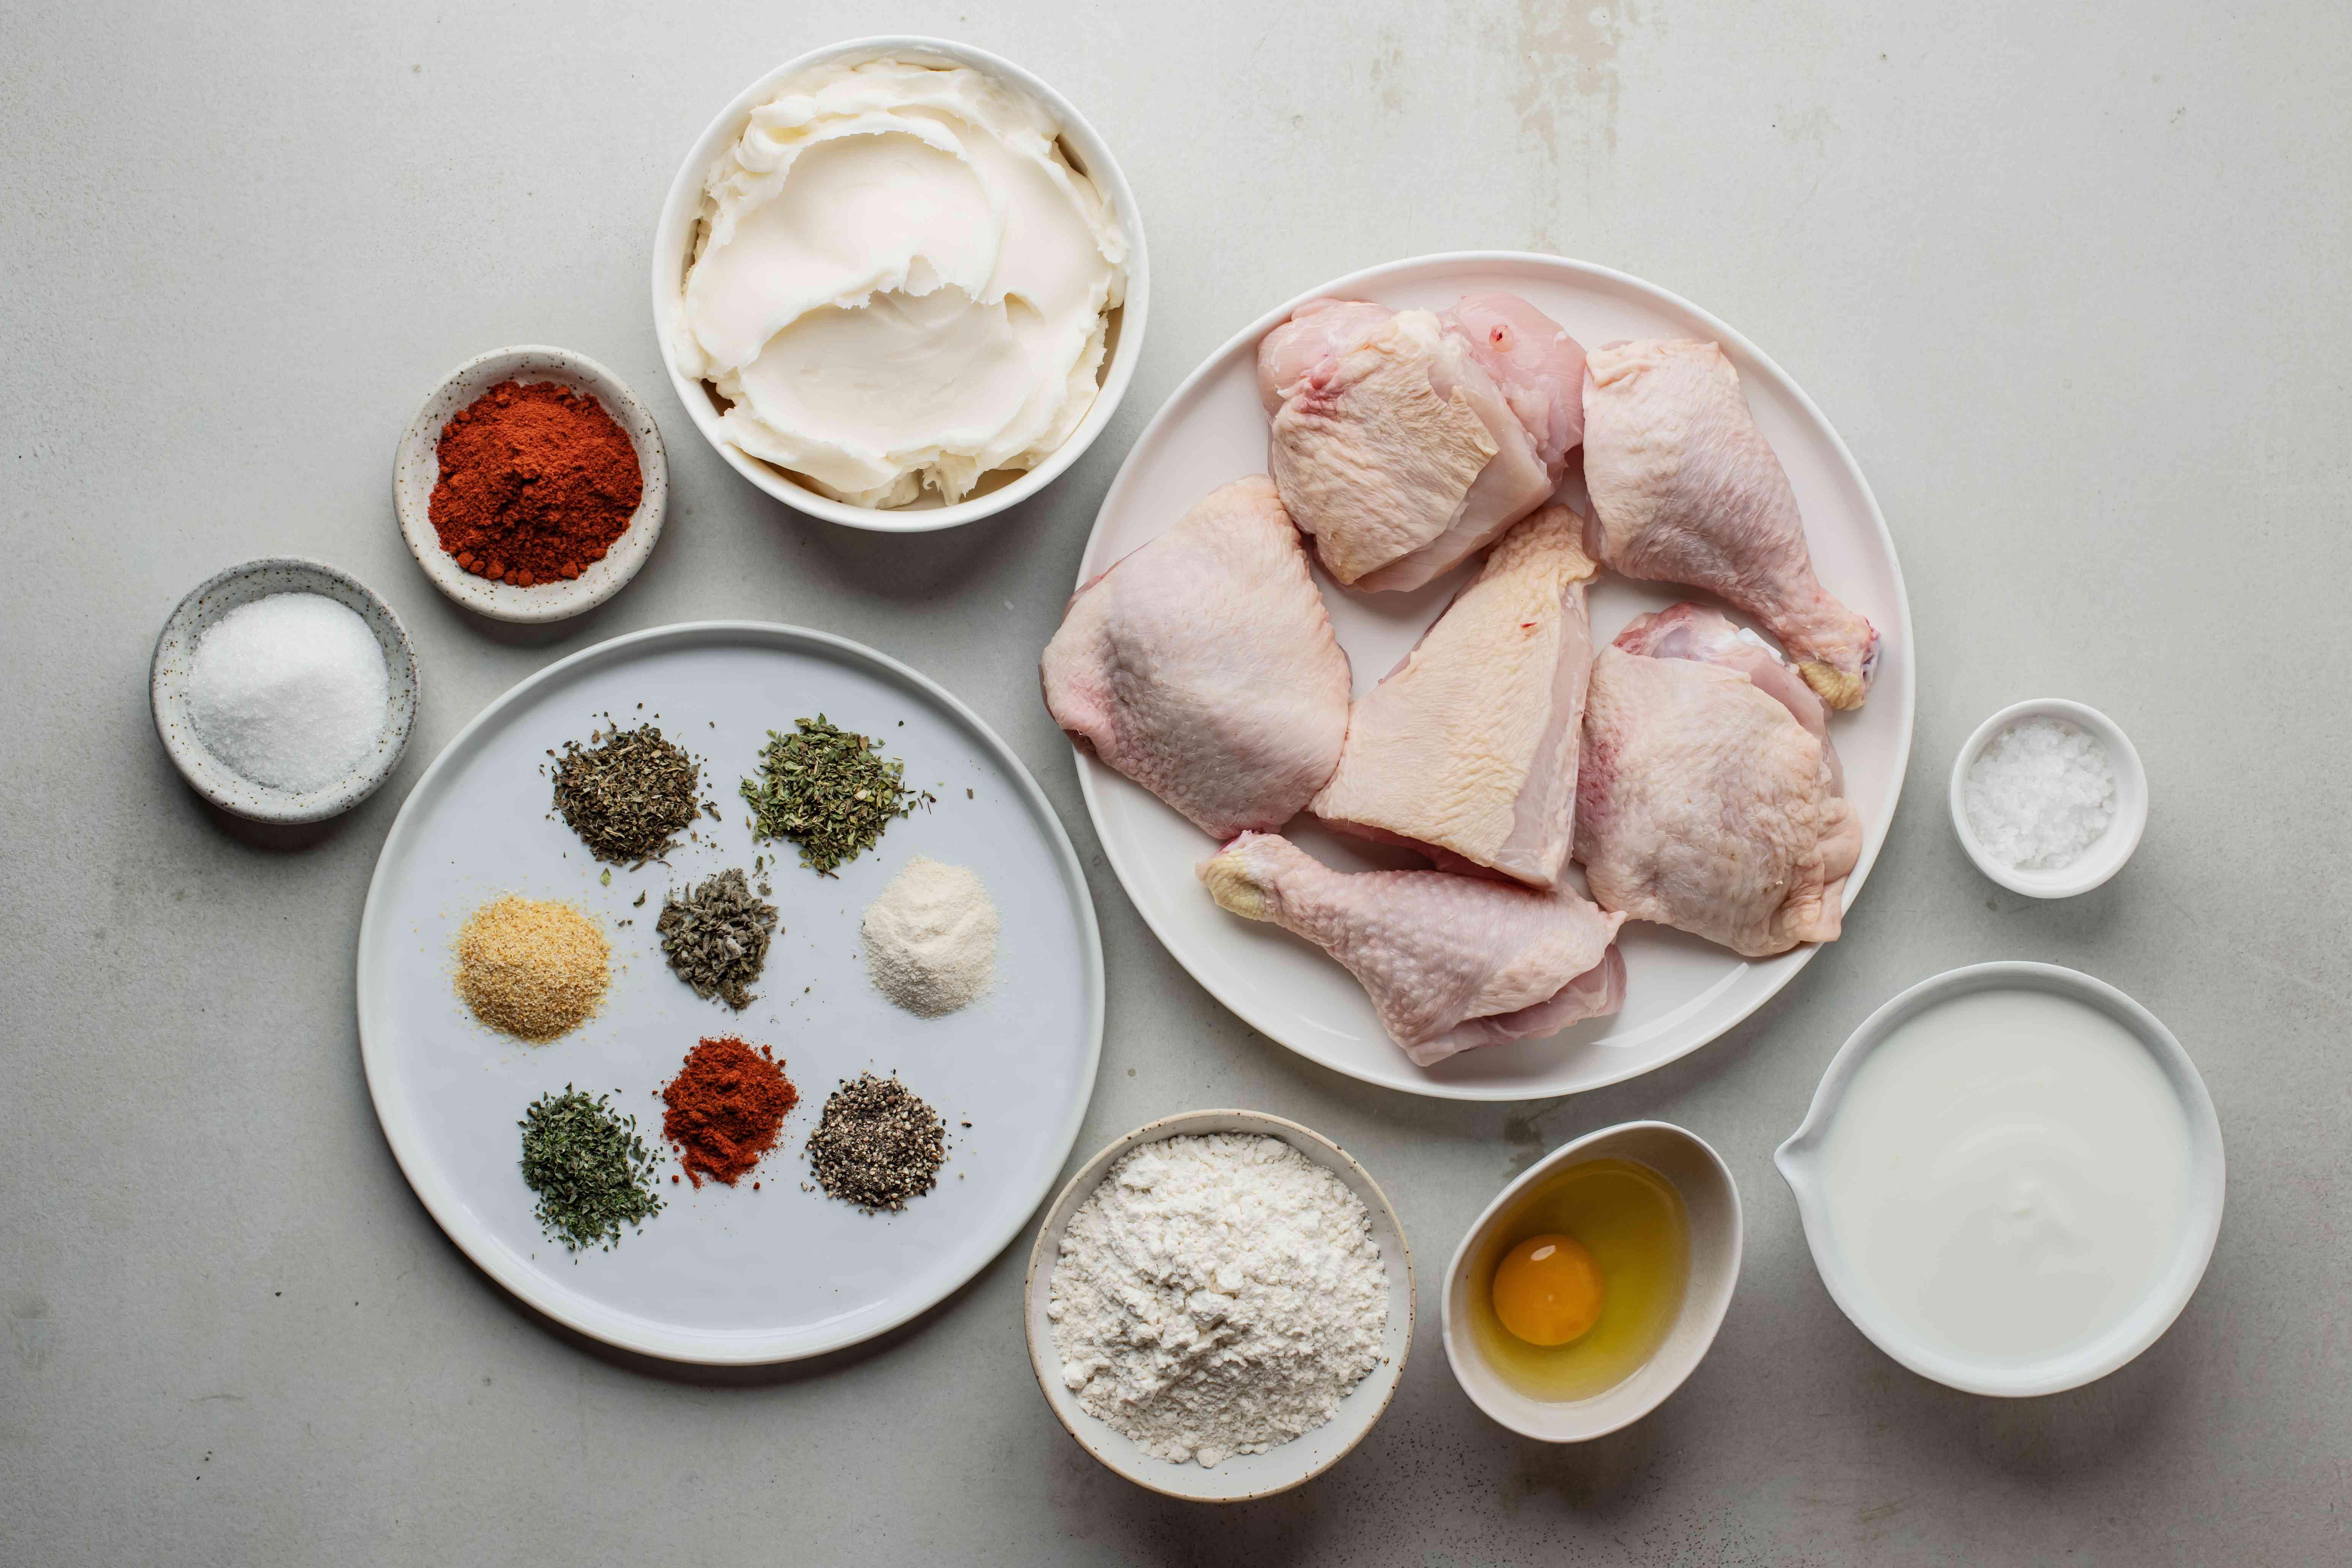 Ingredients for KFC chicken